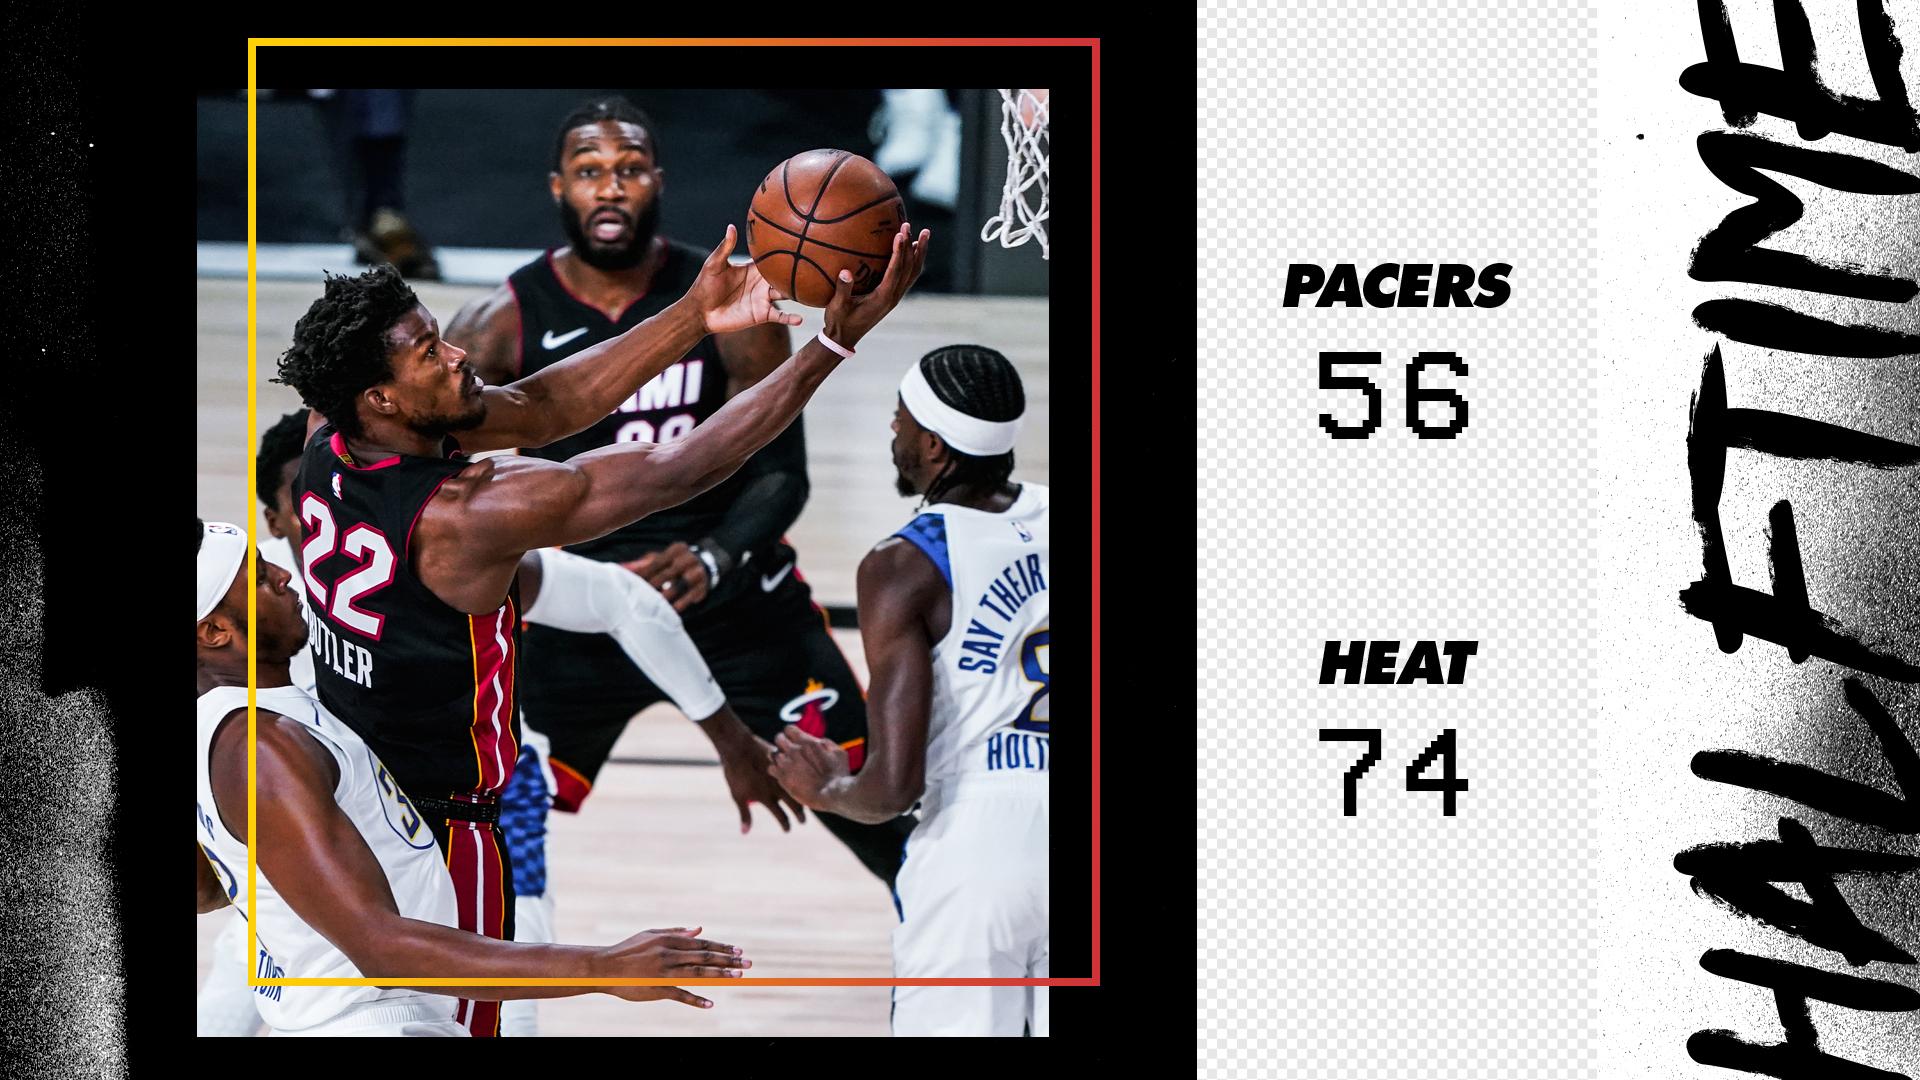 熱火3-0溜馬 | Brogdon空砍34+7+14,Butler 27+8,熱火4人20+擊敗溜馬獲賽點!(影)-黑特籃球-NBA新聞影音圖片分享社區